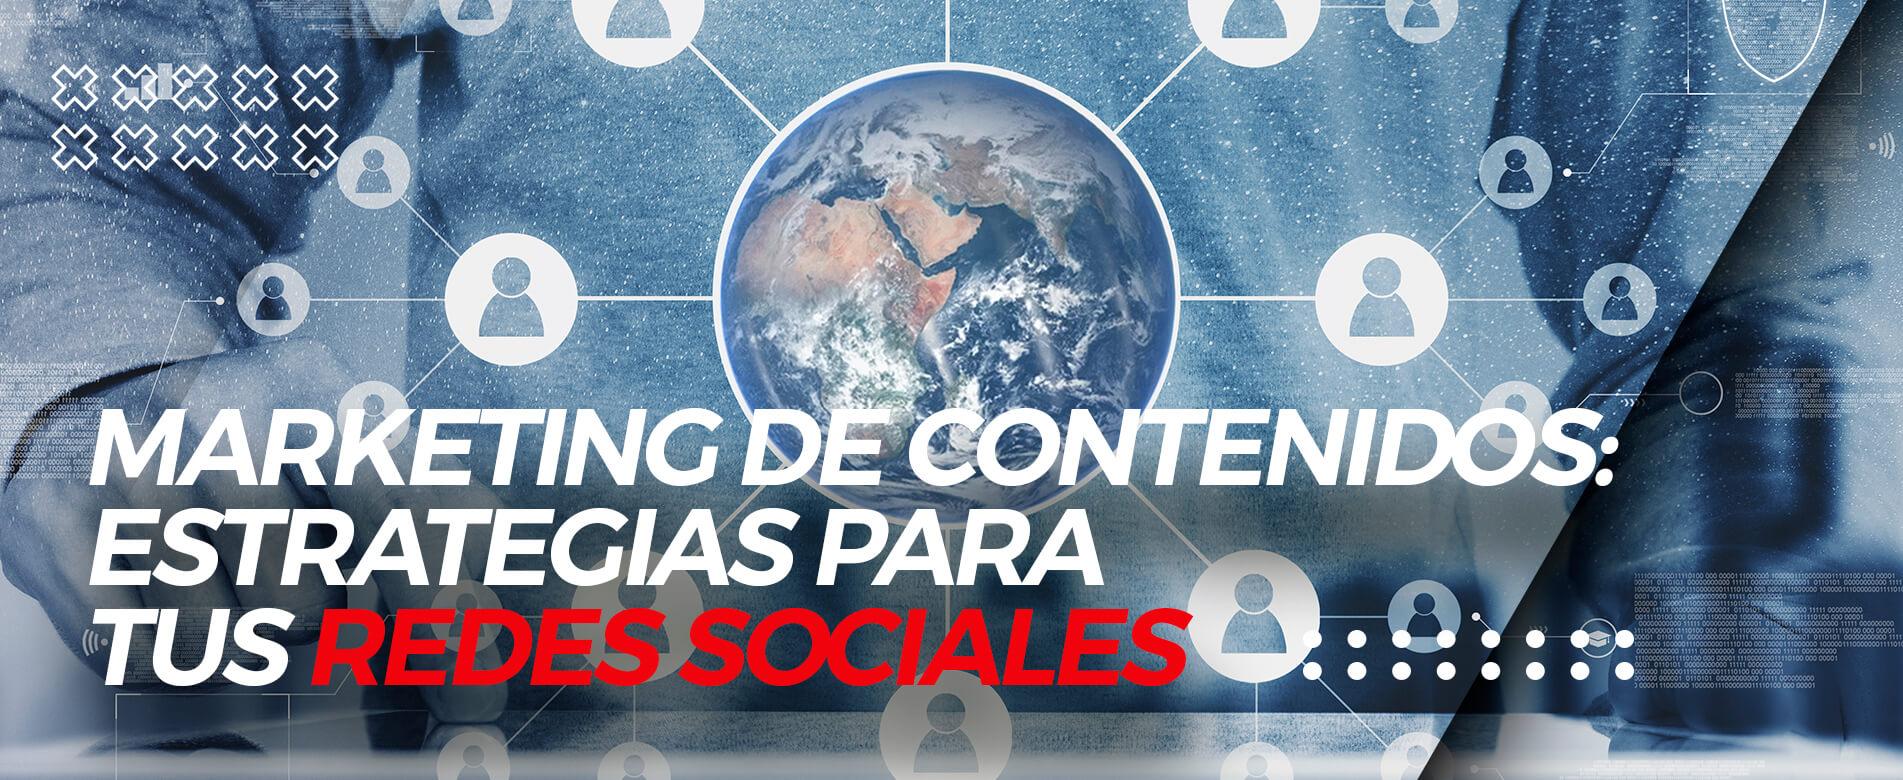 Curso Marketing de Contenidos: estrategias para tus redes sociales